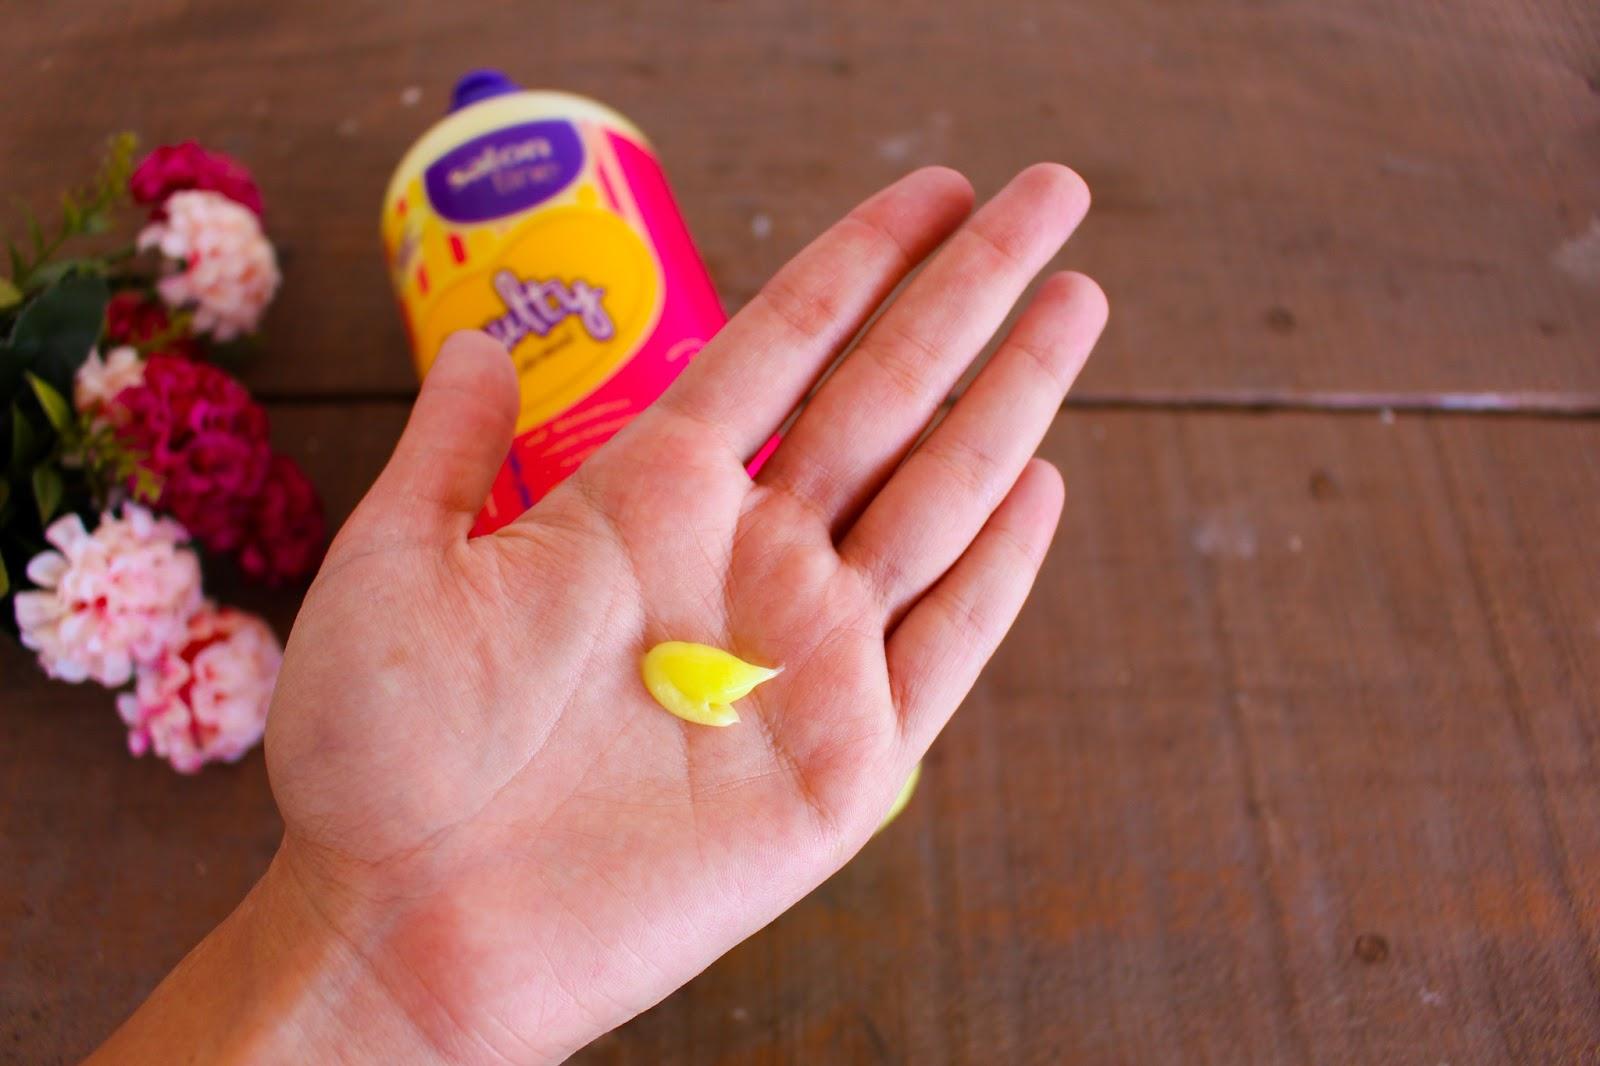 Resenha: Creme Multifuncional da linha Multy da Salon Line